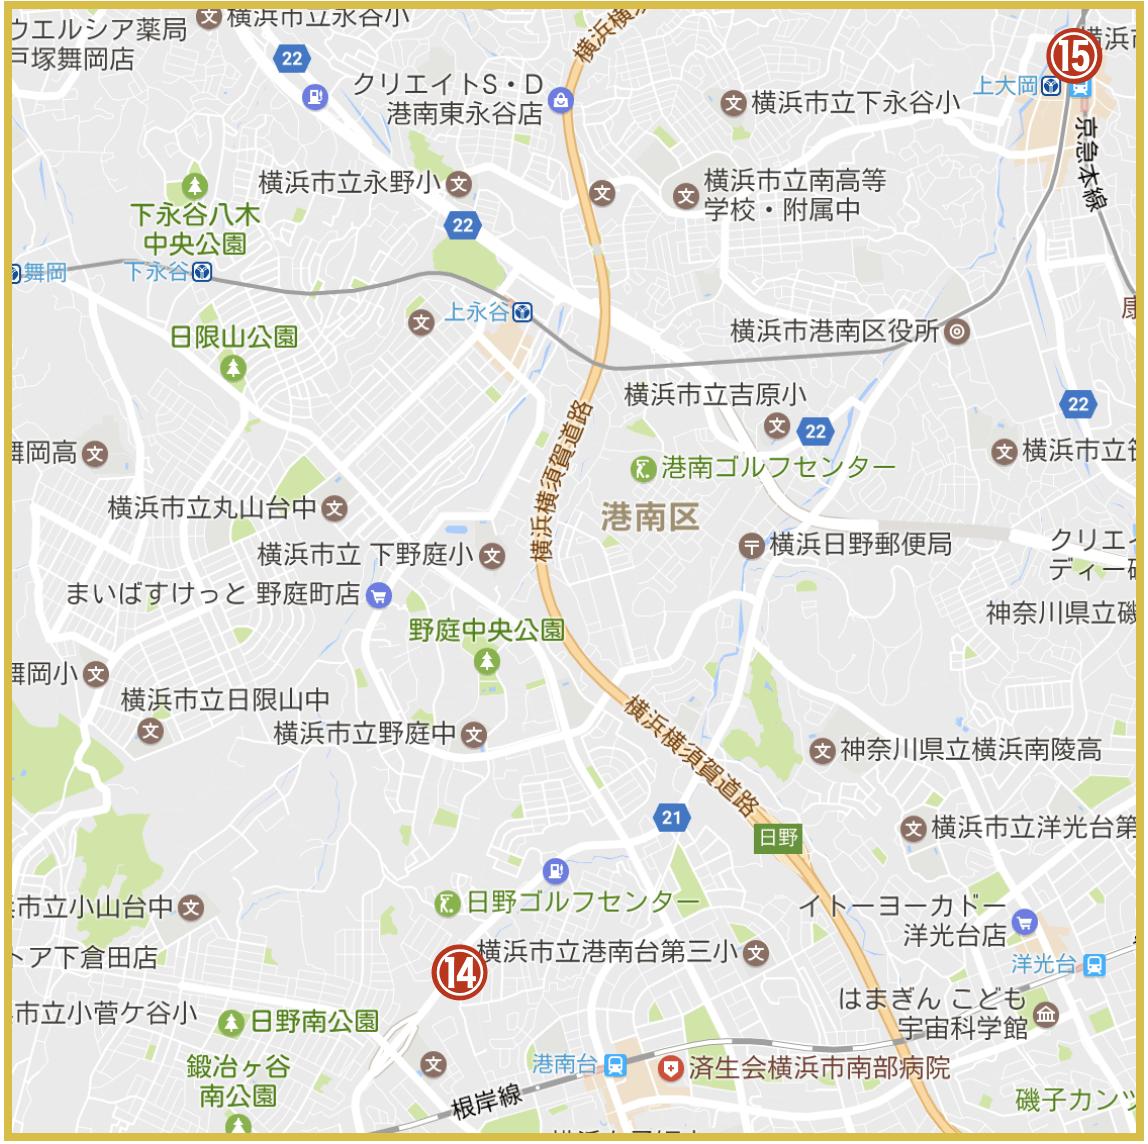 横浜市港南区にあるアコム店舗・ATMの位置(2020年8月版)